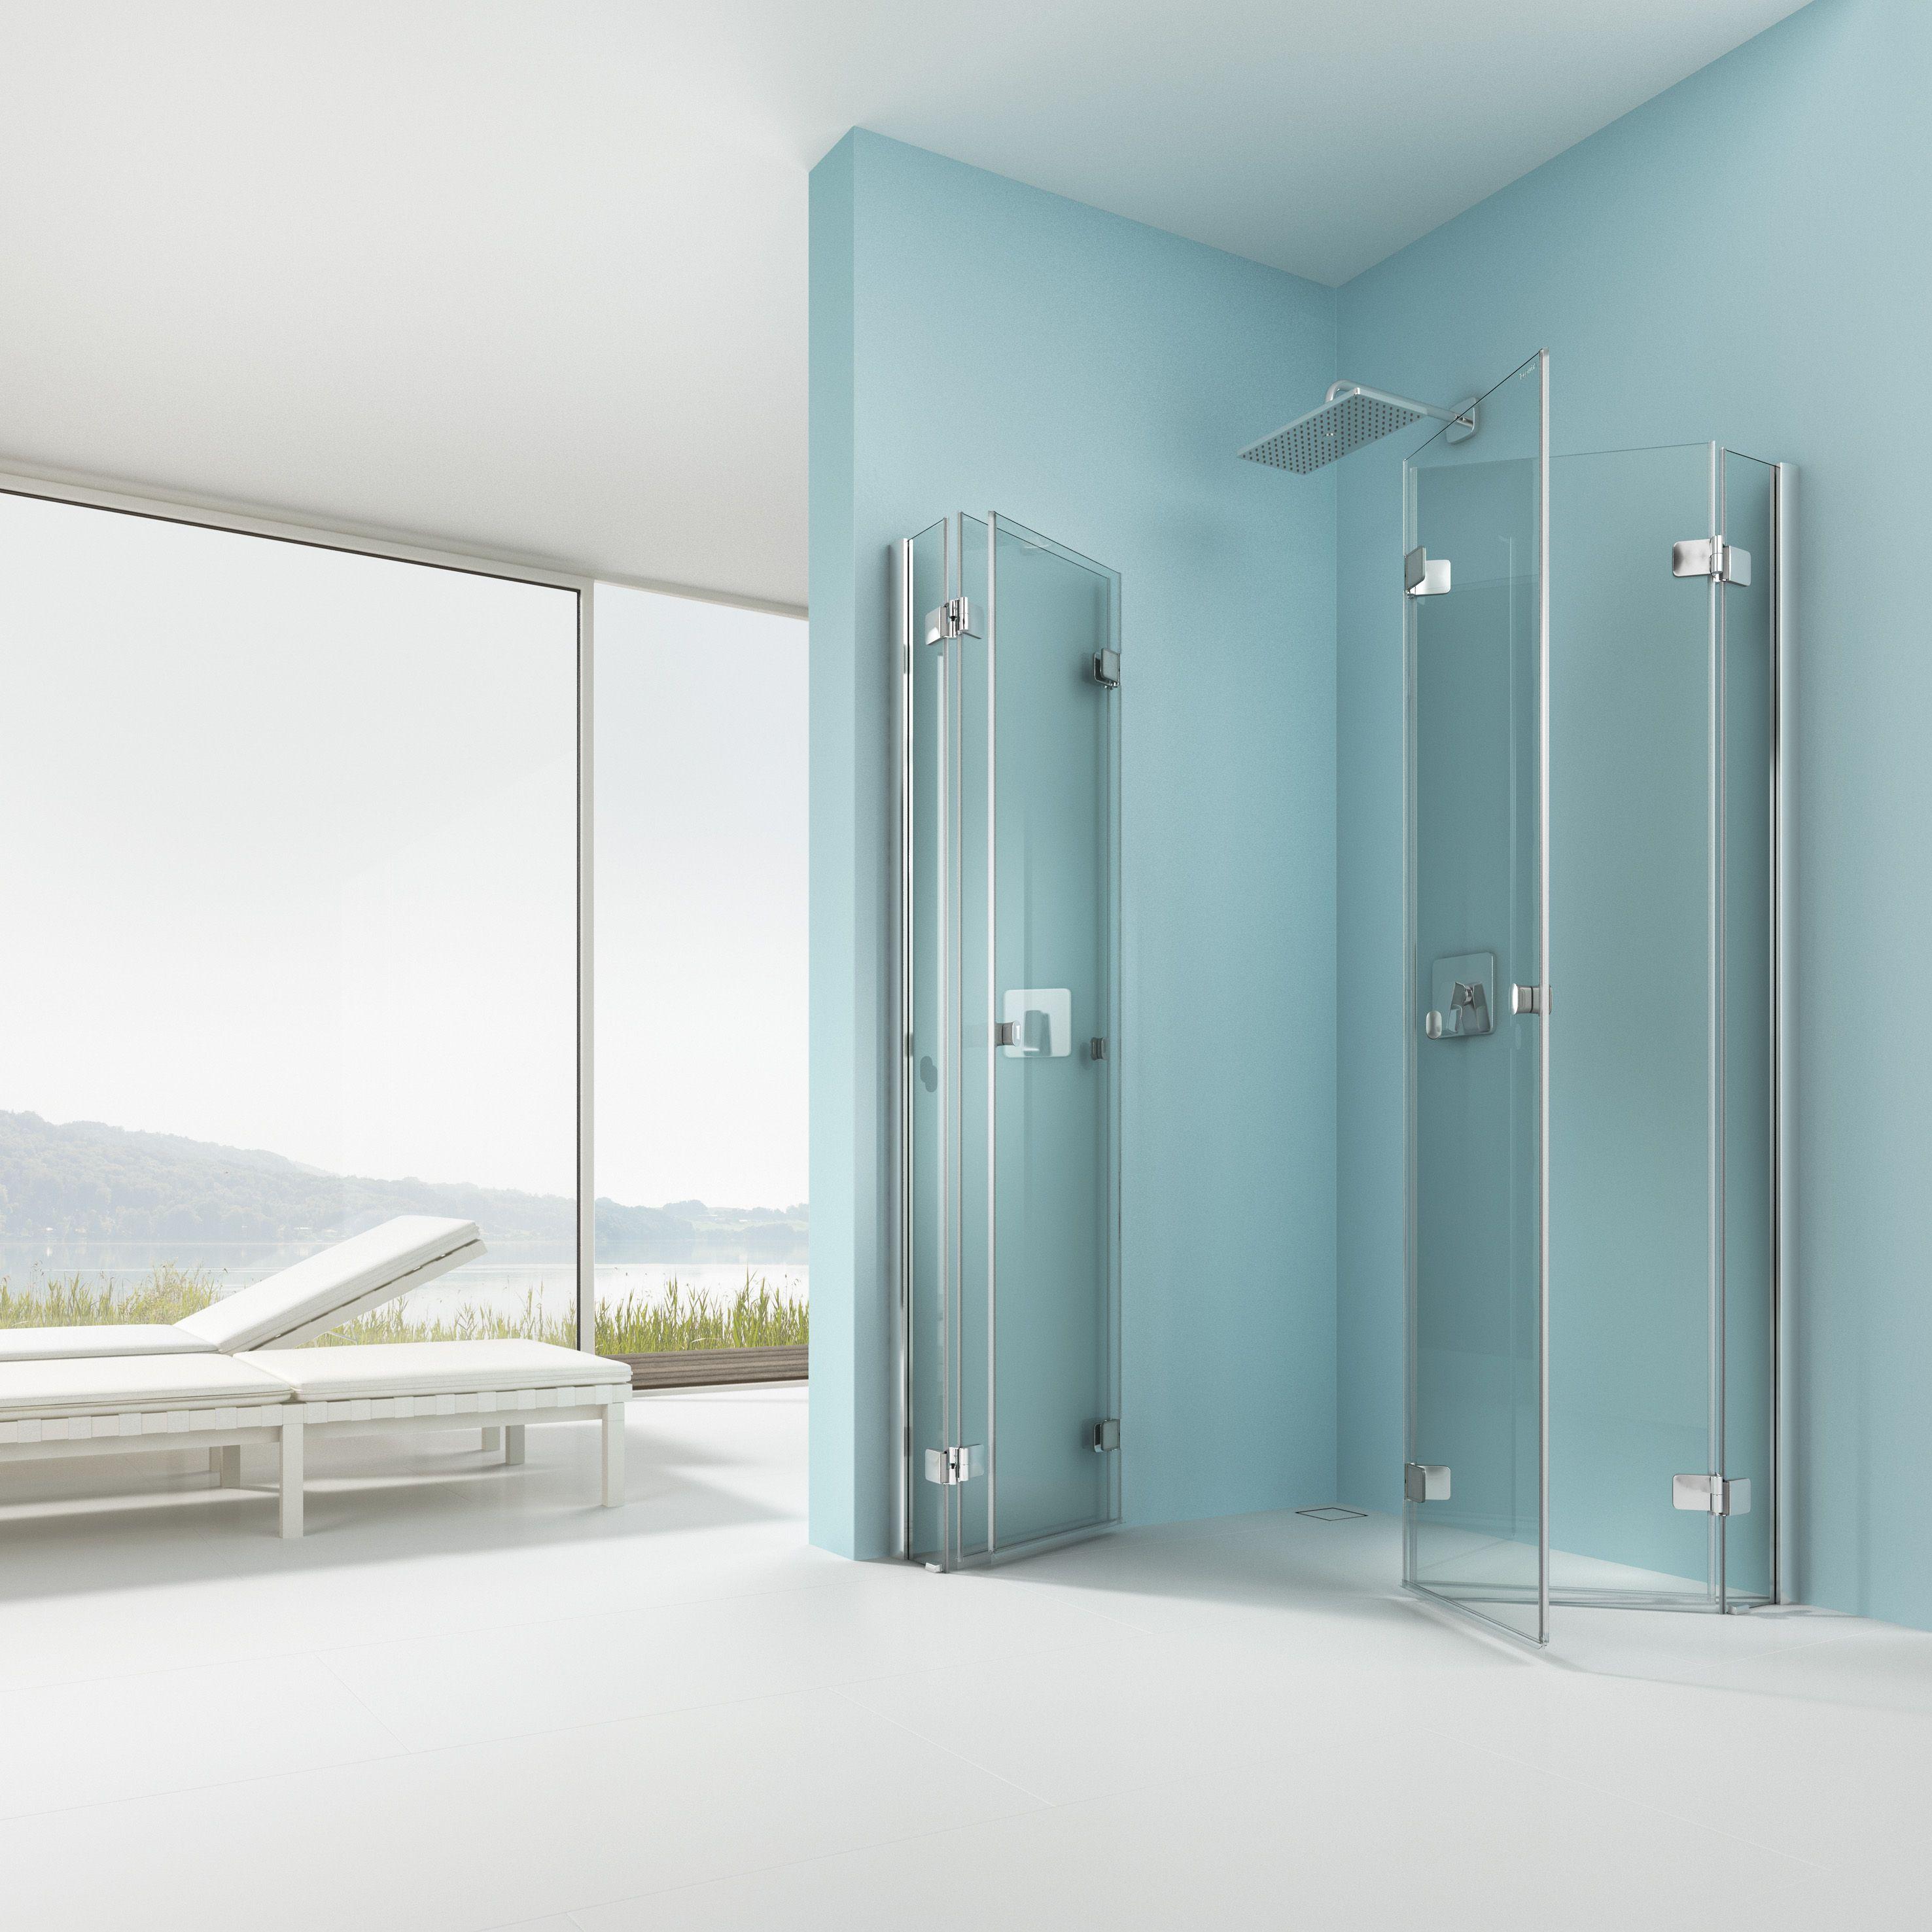 barrierefreier platzmacher im bad ist die artweger 360 falttr dusche jedes einzelne glasteil lsst sich - Duschen Aus Glas Barrierefrei 2